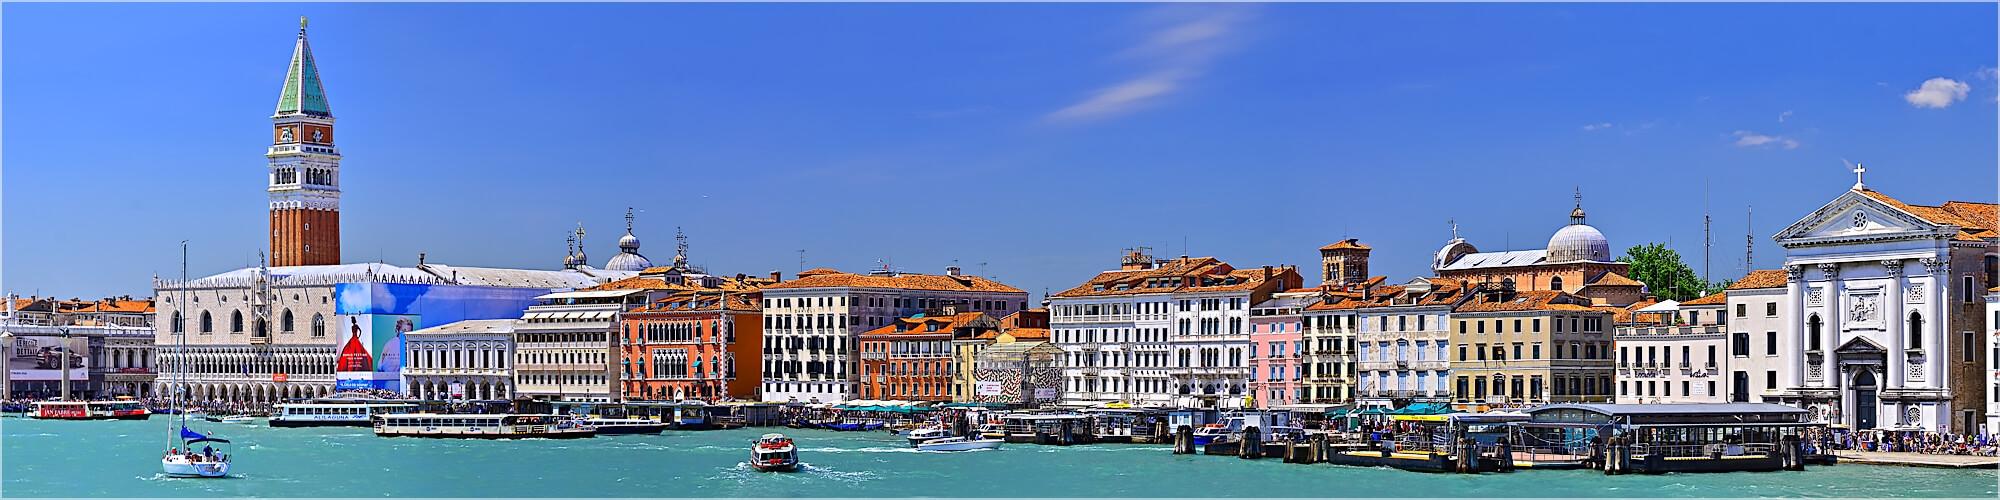 Panoramabild Blick von der Lagune auf  Venedig